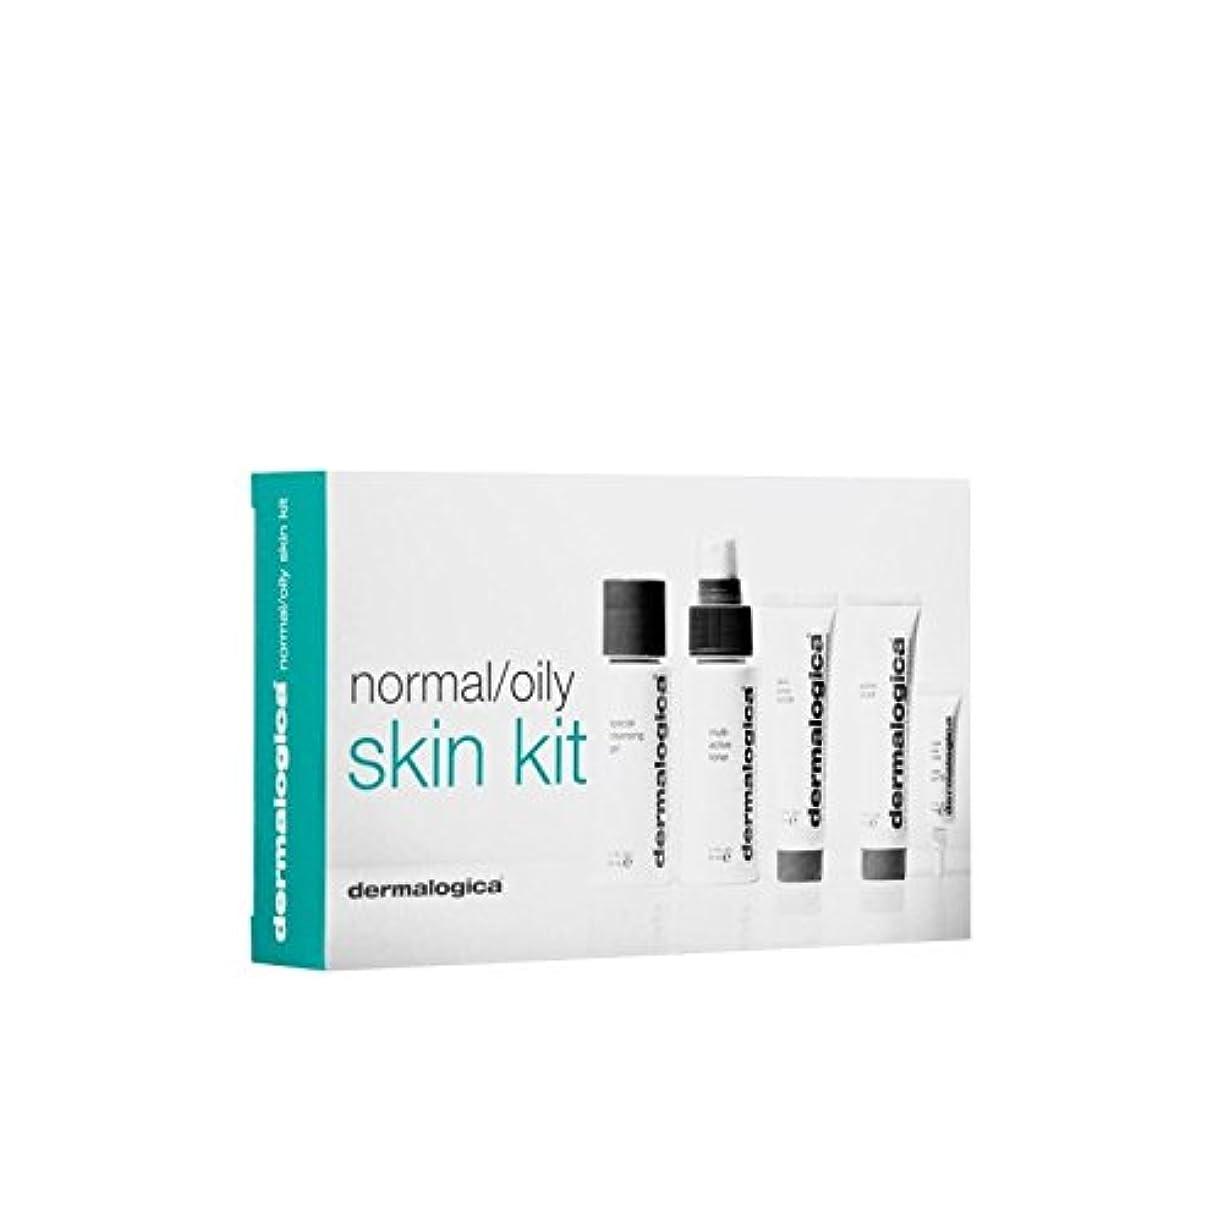 同種のスカイ雷雨ダーマロジカスキンキット - ノーマル/オイリー(5製品) x4 - Dermalogica Skin Kit - Normal/Oily (5 Products) (Pack of 4) [並行輸入品]